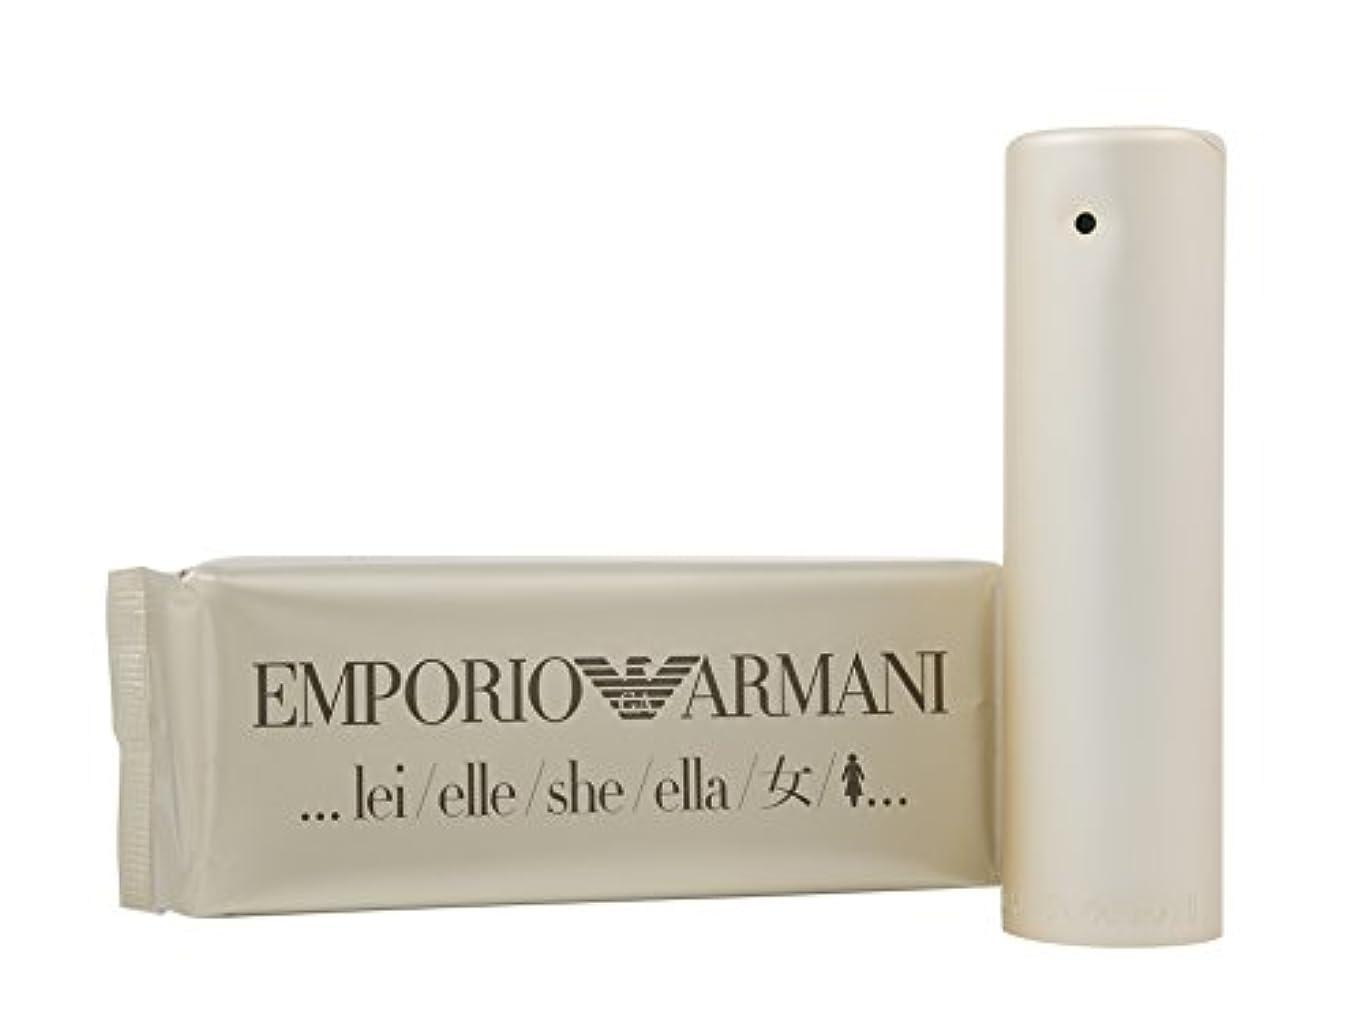 着陸不忠今日エンポリオアルマーニ EMPORIO ARMANI エンポリオシー 100ml EDP SP オードパルファムスプレー(エンポリオハー、エンポリオウーマン)